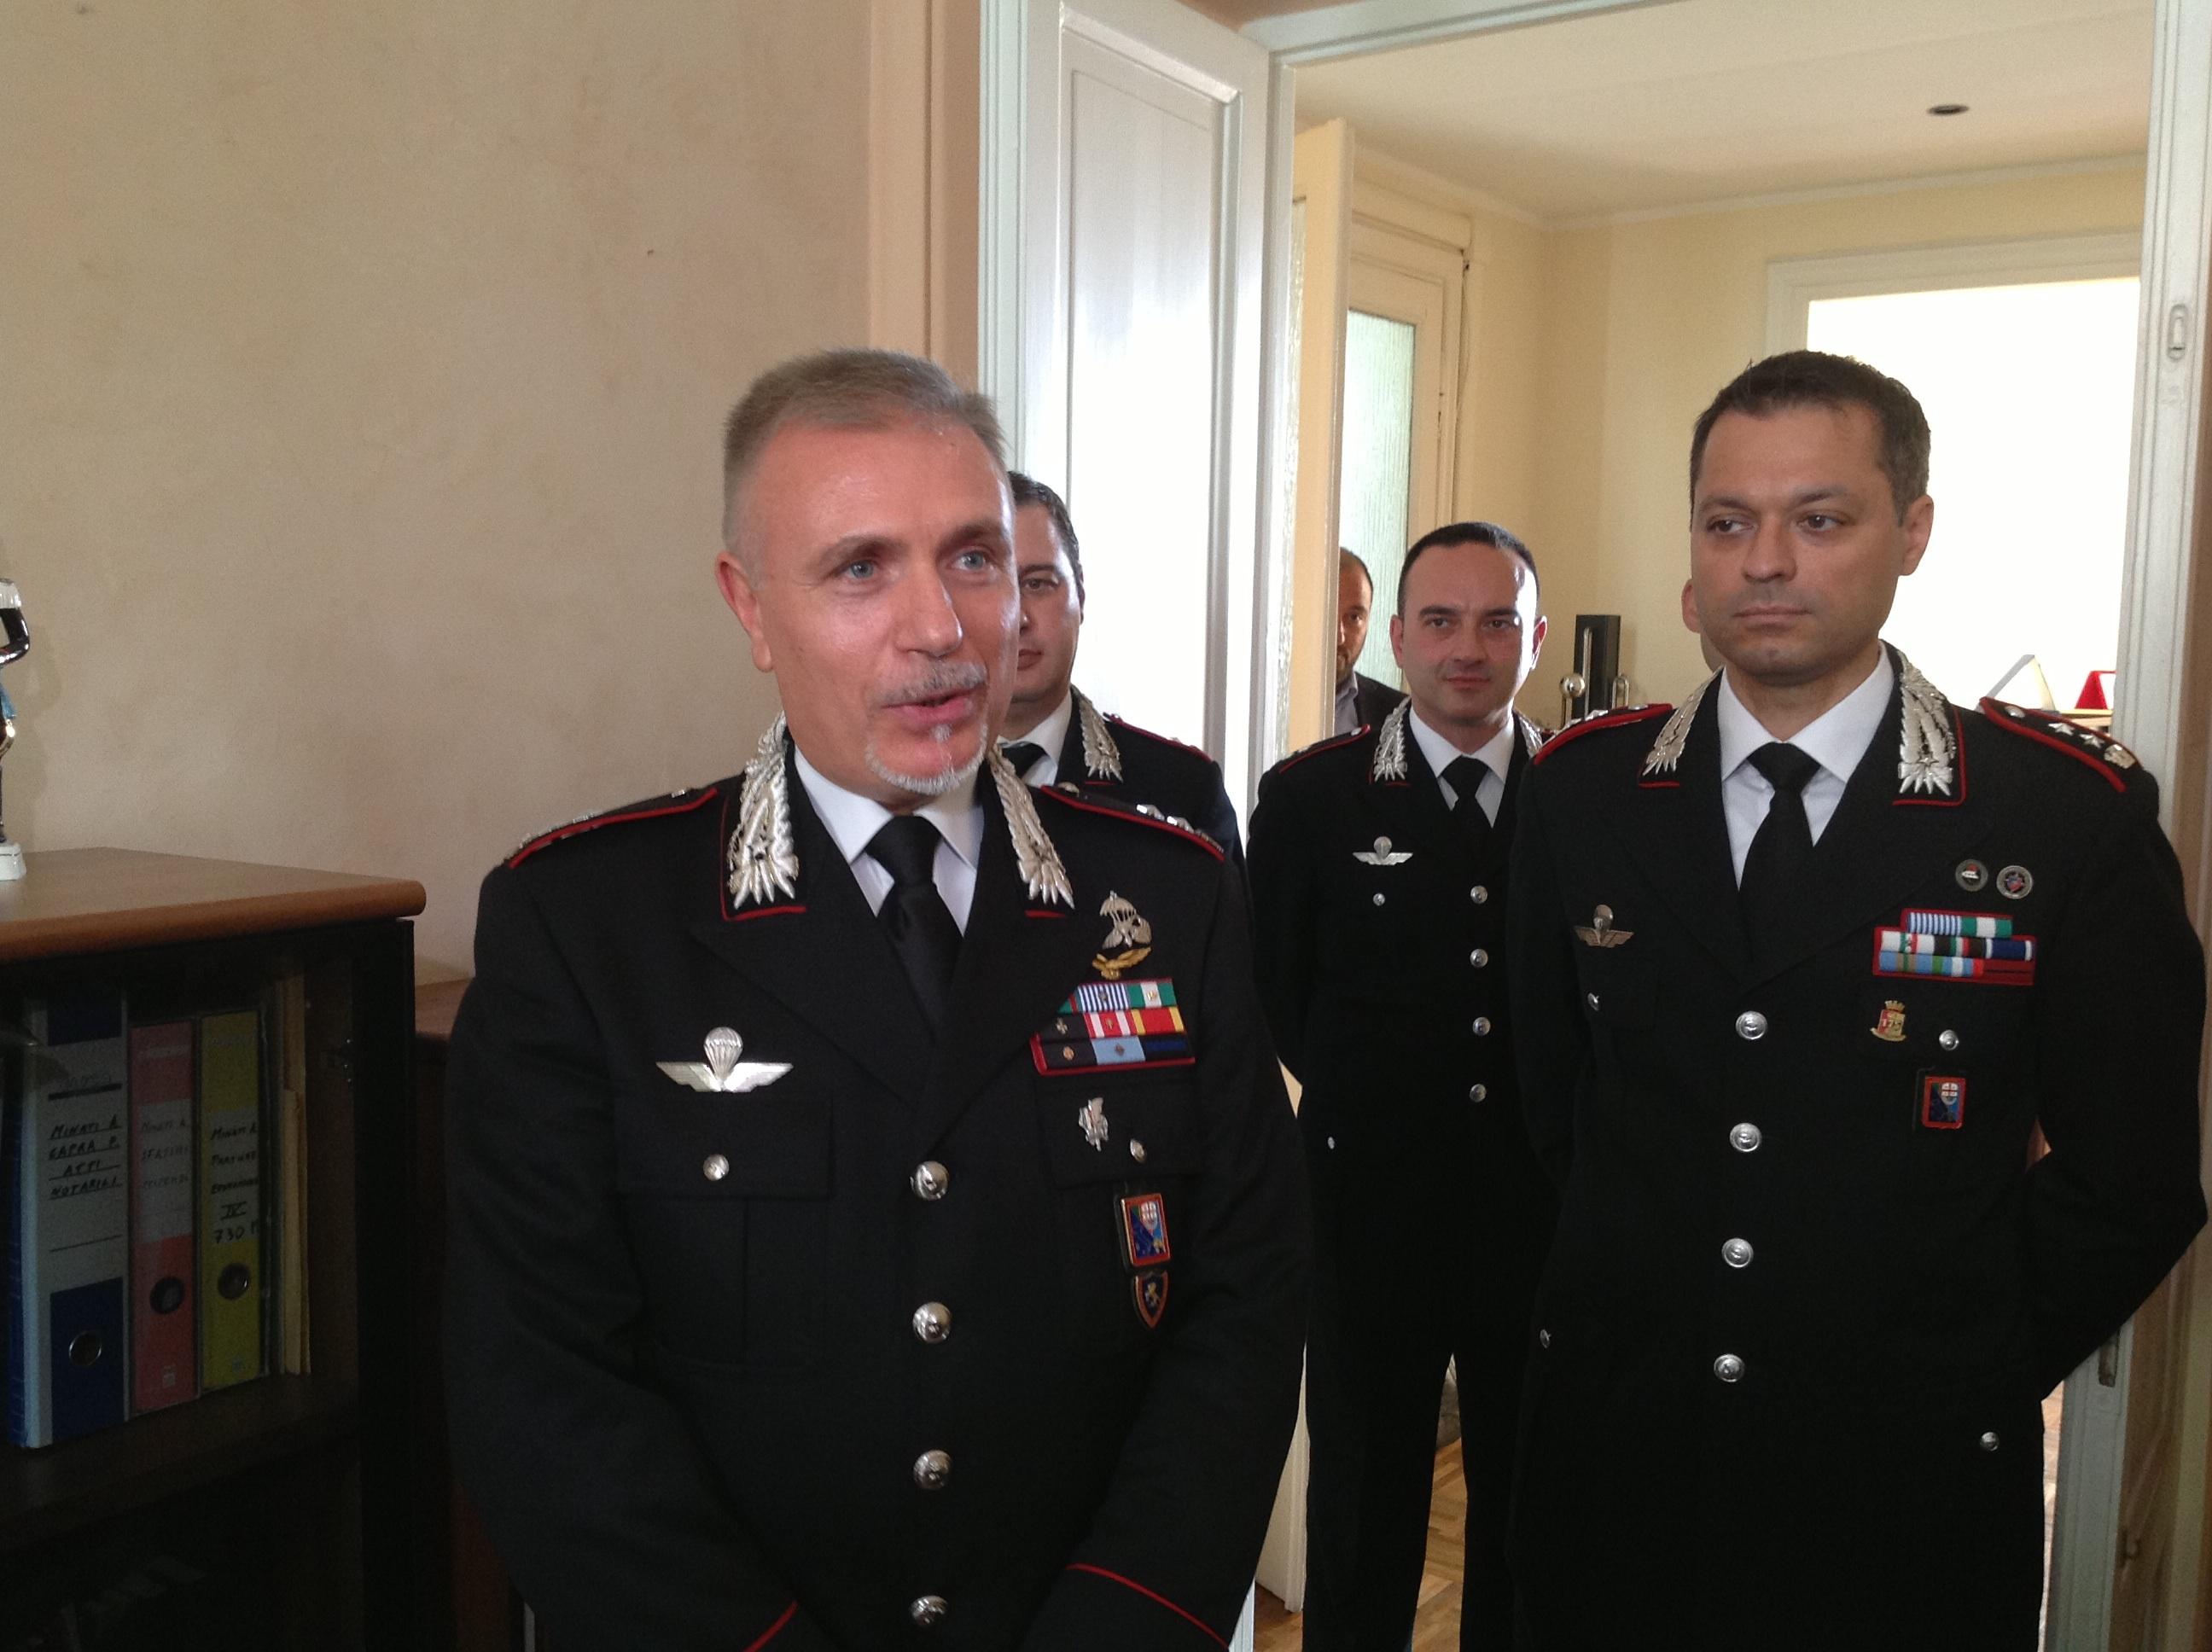 A sinistra il colonnello Zarbano e destra il Maggiore Cambieri